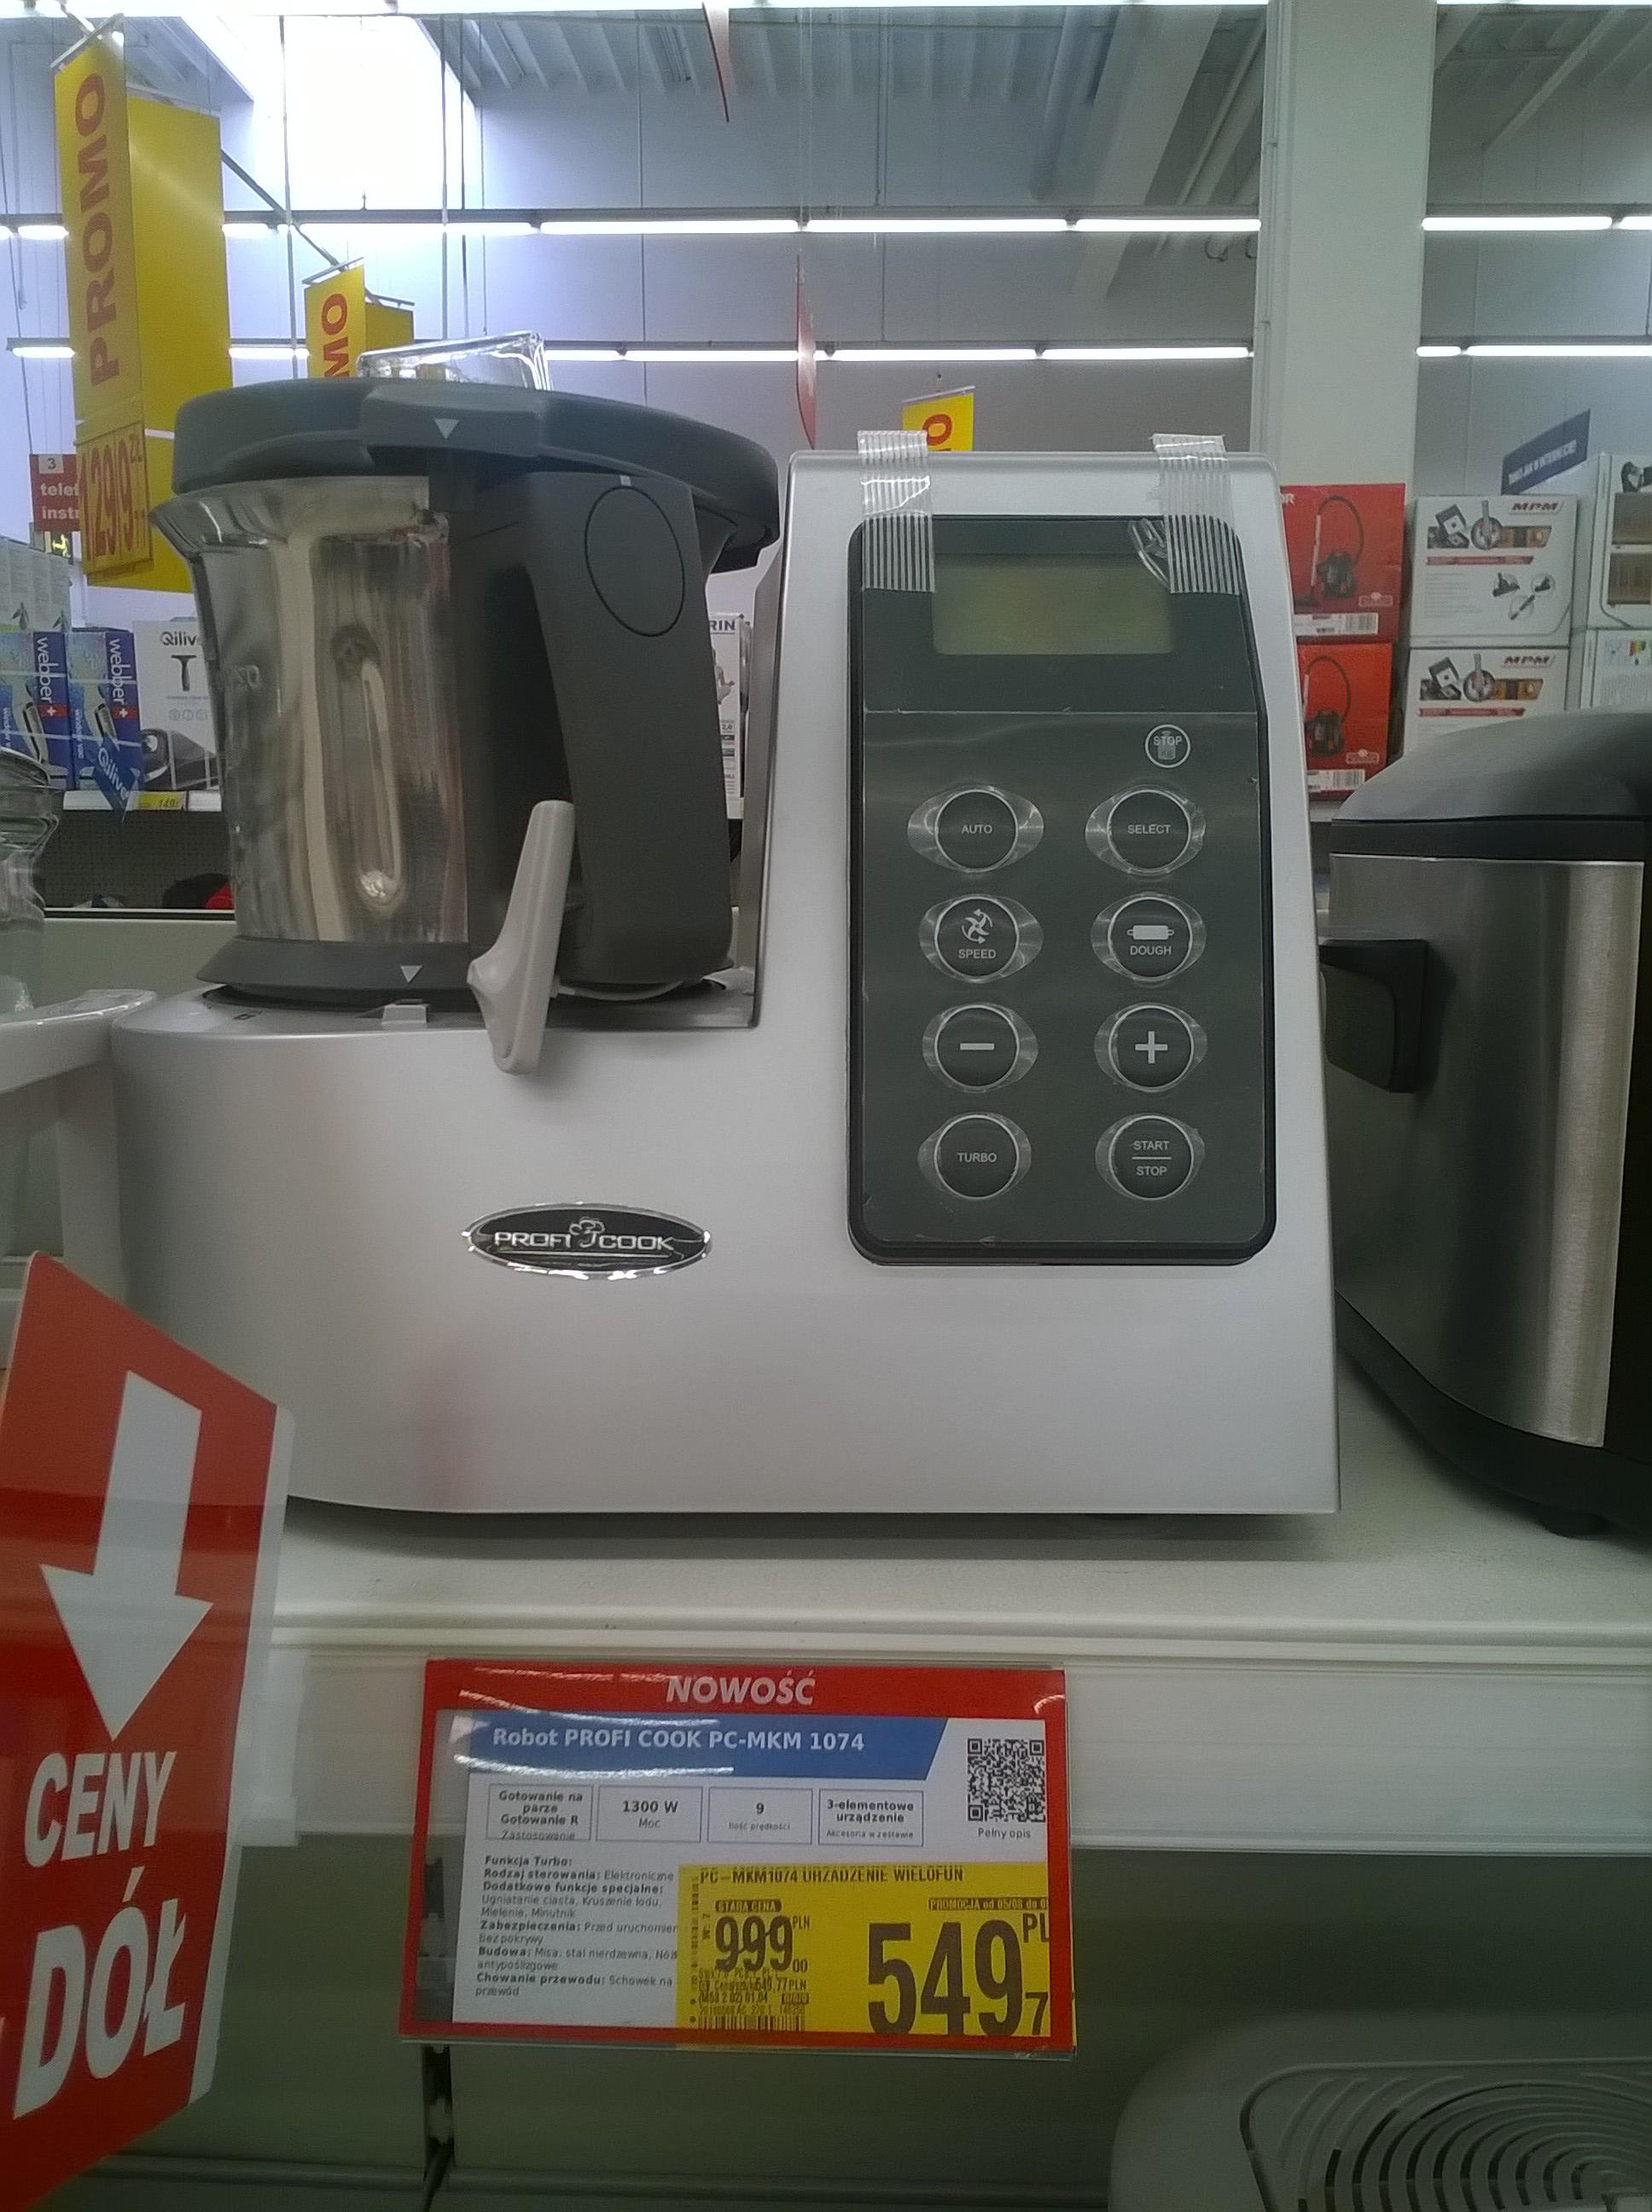 Multicooker Profi Cook PCMKM 1074 Auchan M1